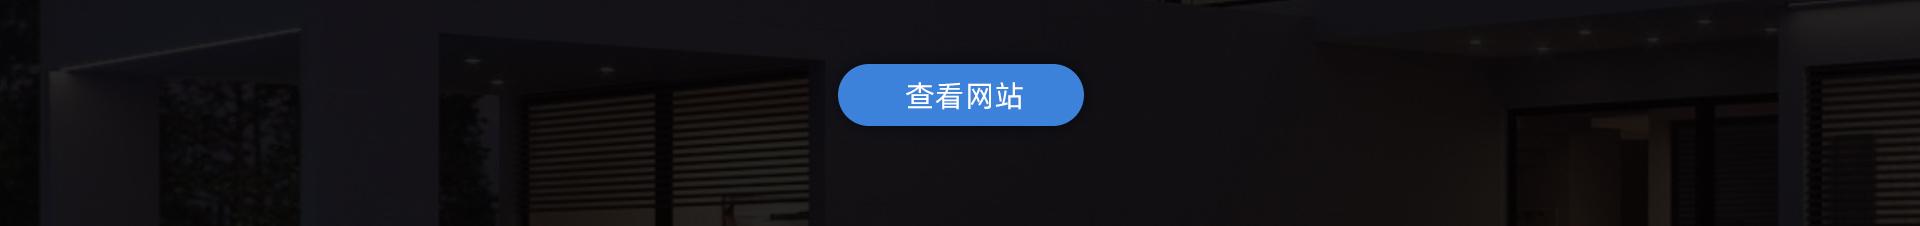 顺乐-秦翔-上海逸广信息_02